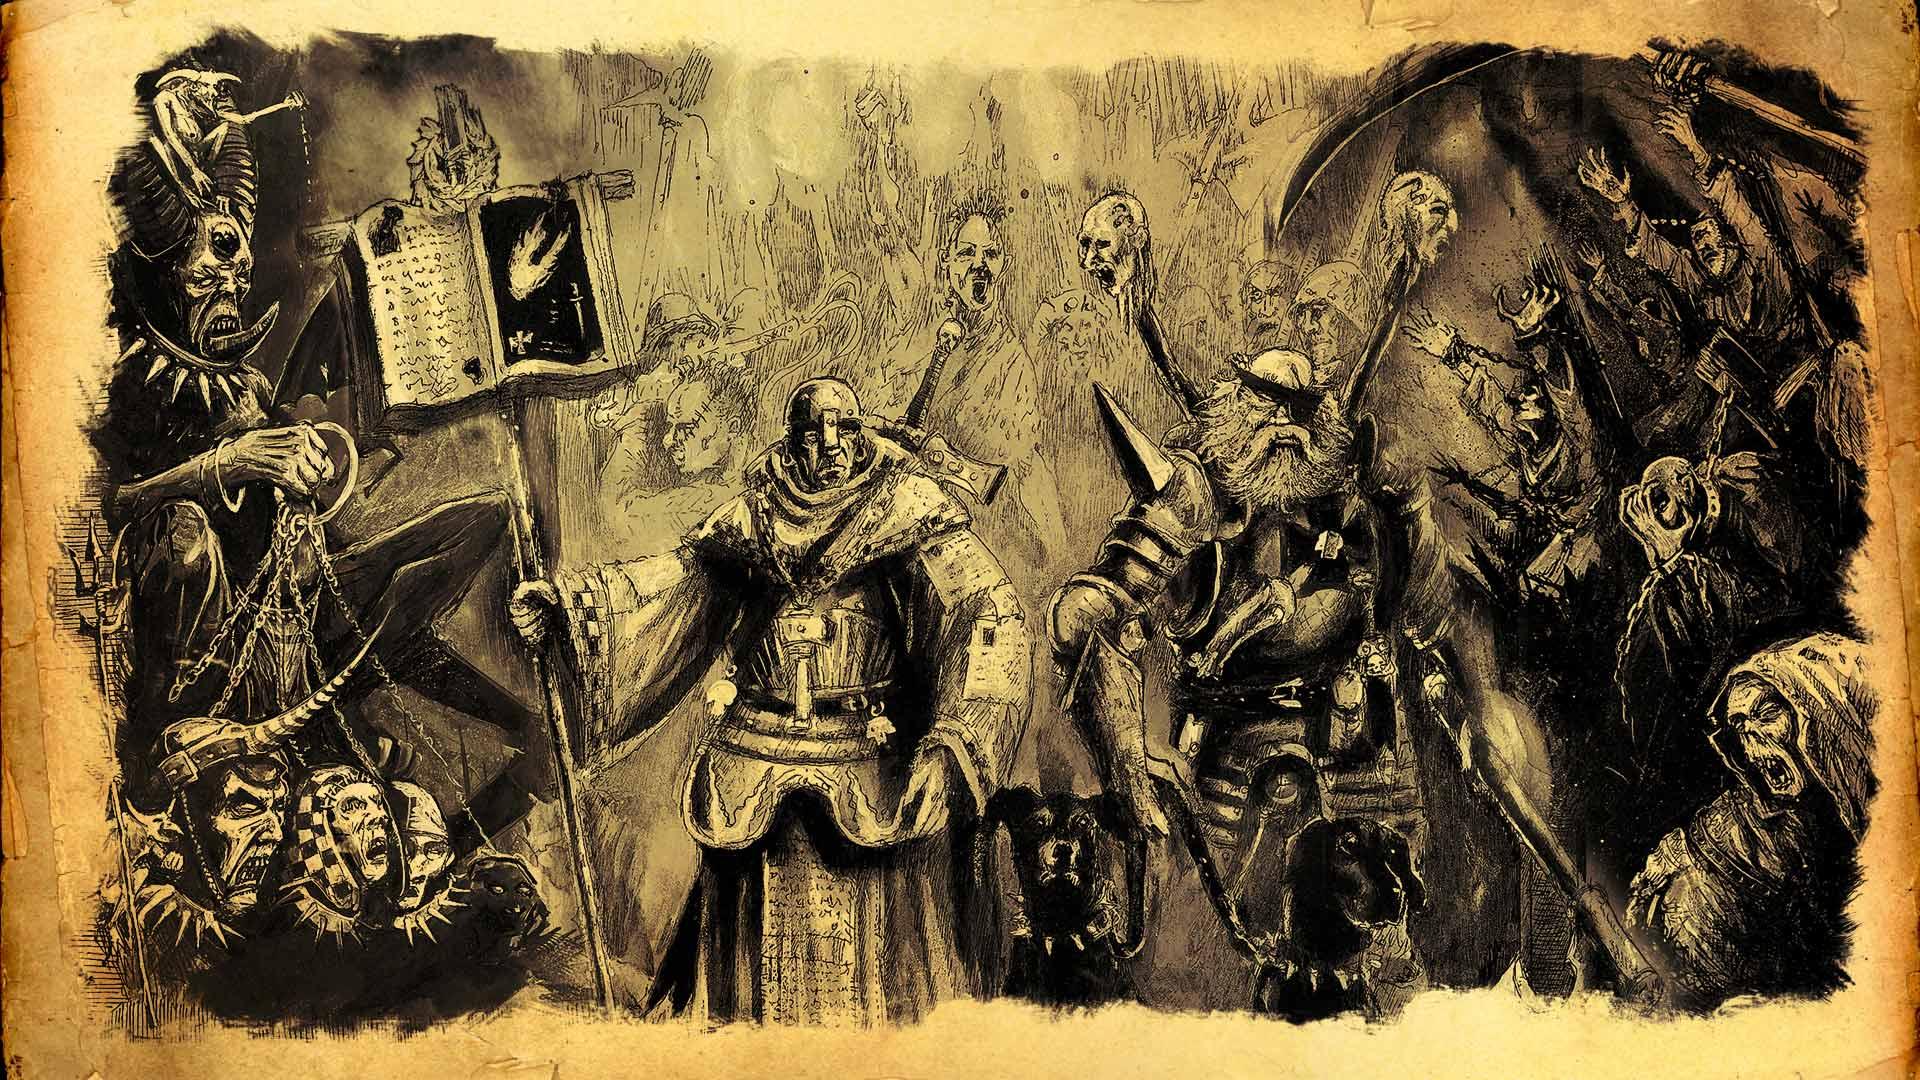 Mordheim cazadores de brujas